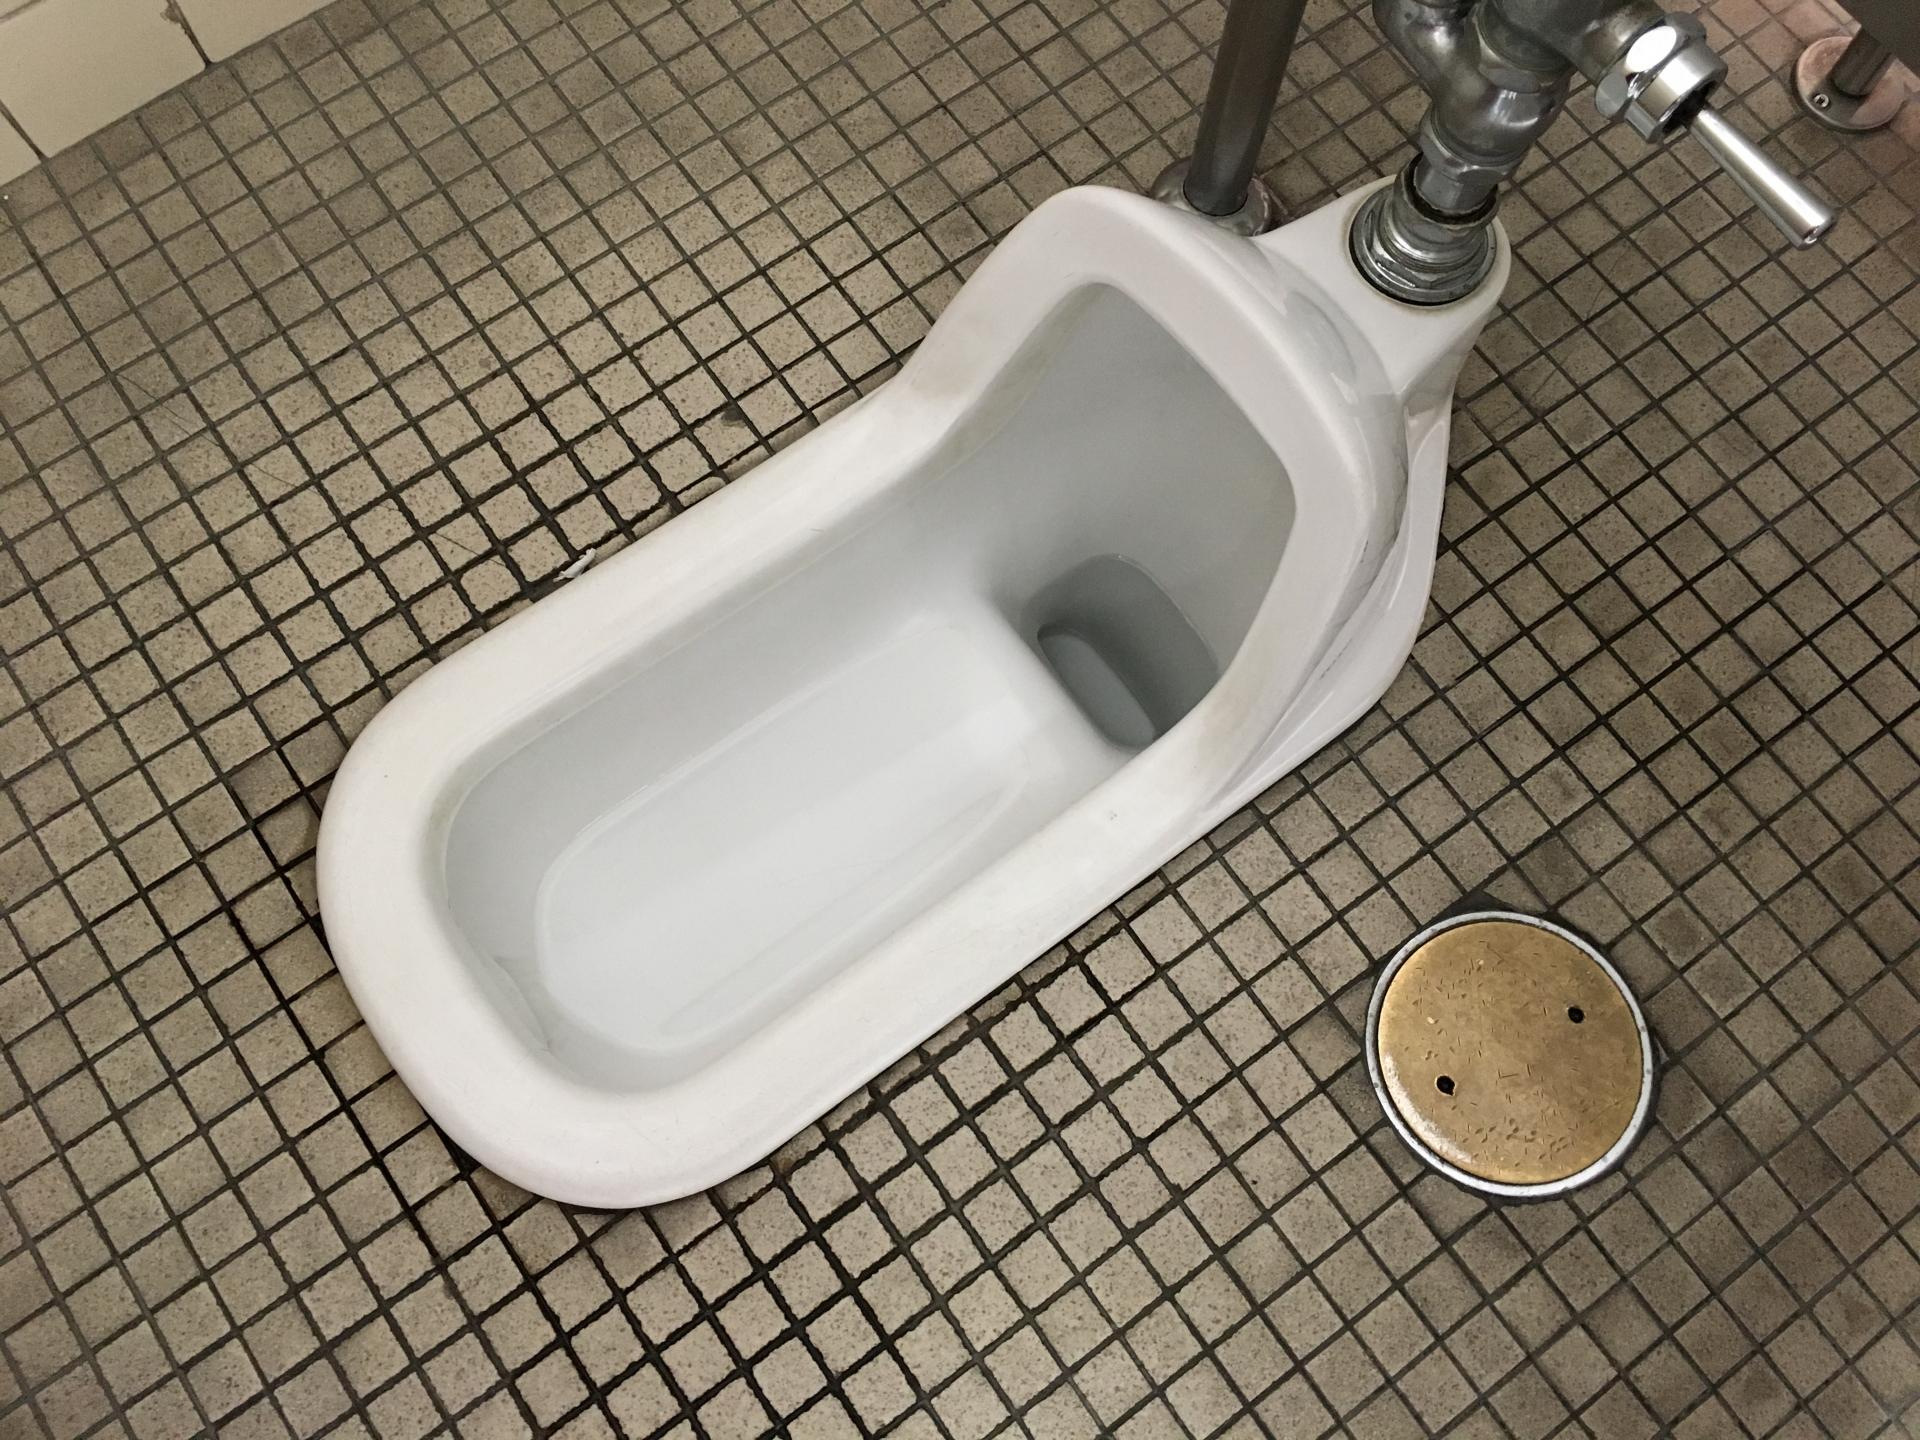 便秘には和式トイレ